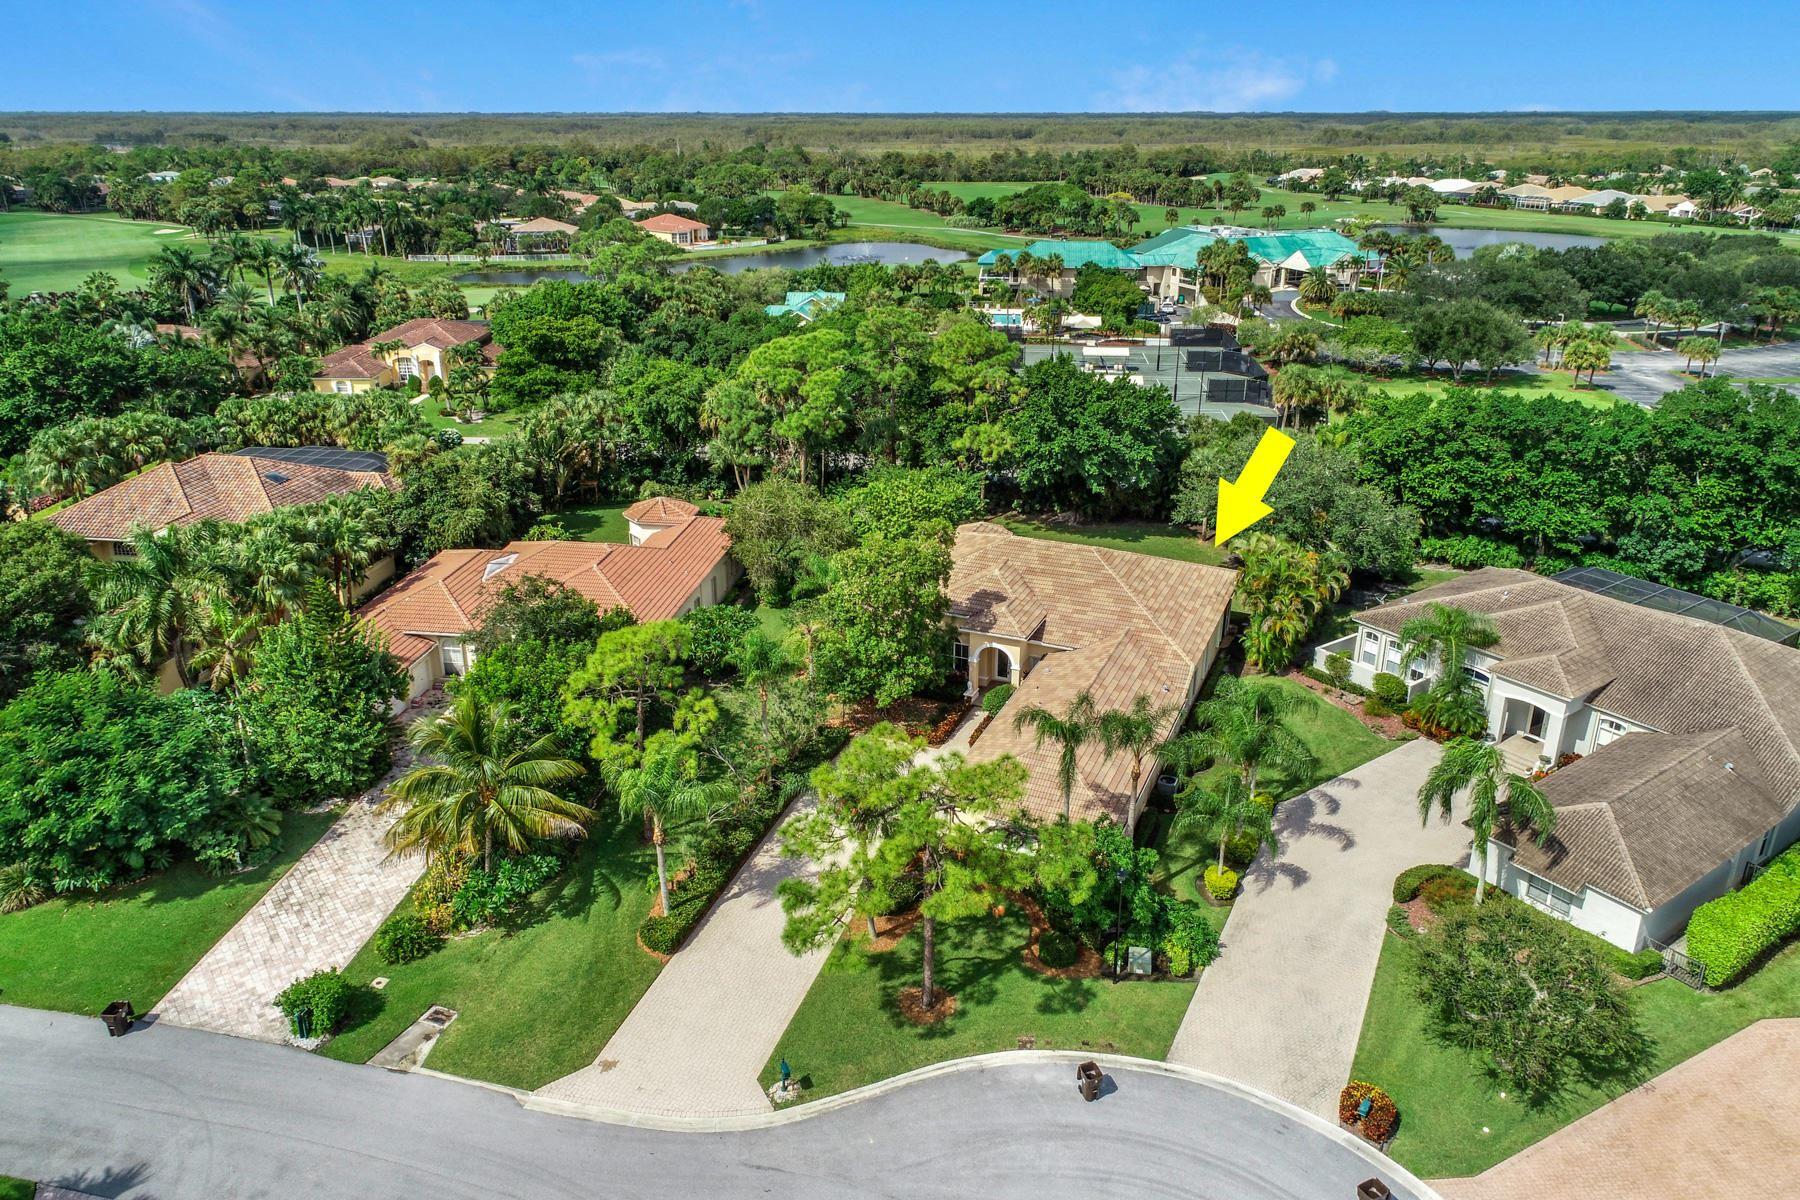 Photo of 8001 Fairway Lane, West Palm Beach, FL 33412 (MLS # RX-10657888)